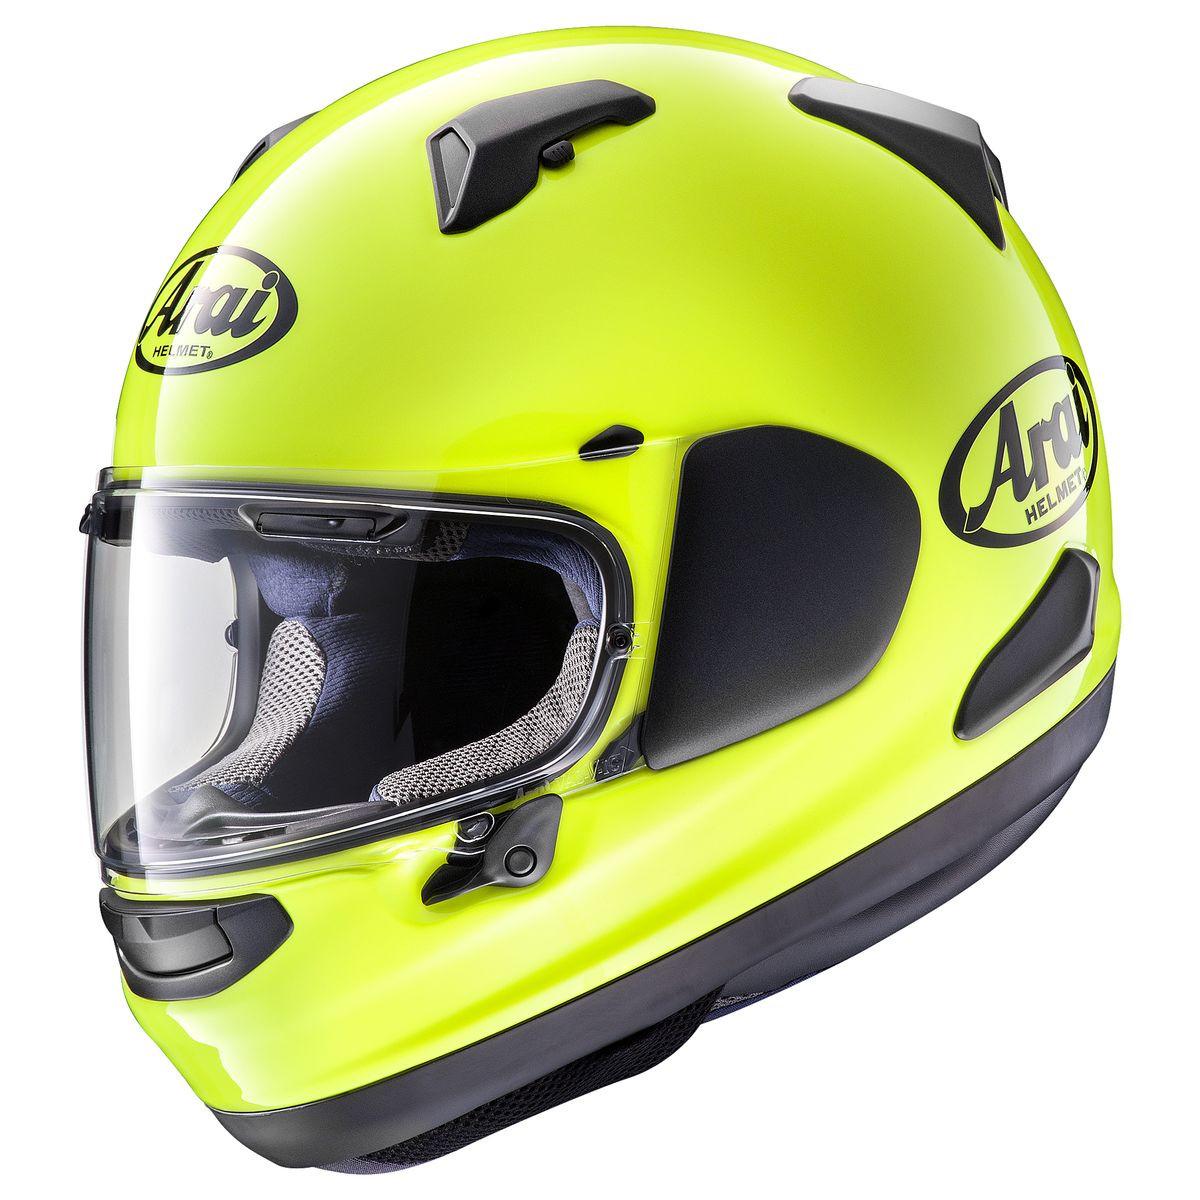 82165ba1 Arai Signet-X Hi-Viz Helmet - Motorcycle House